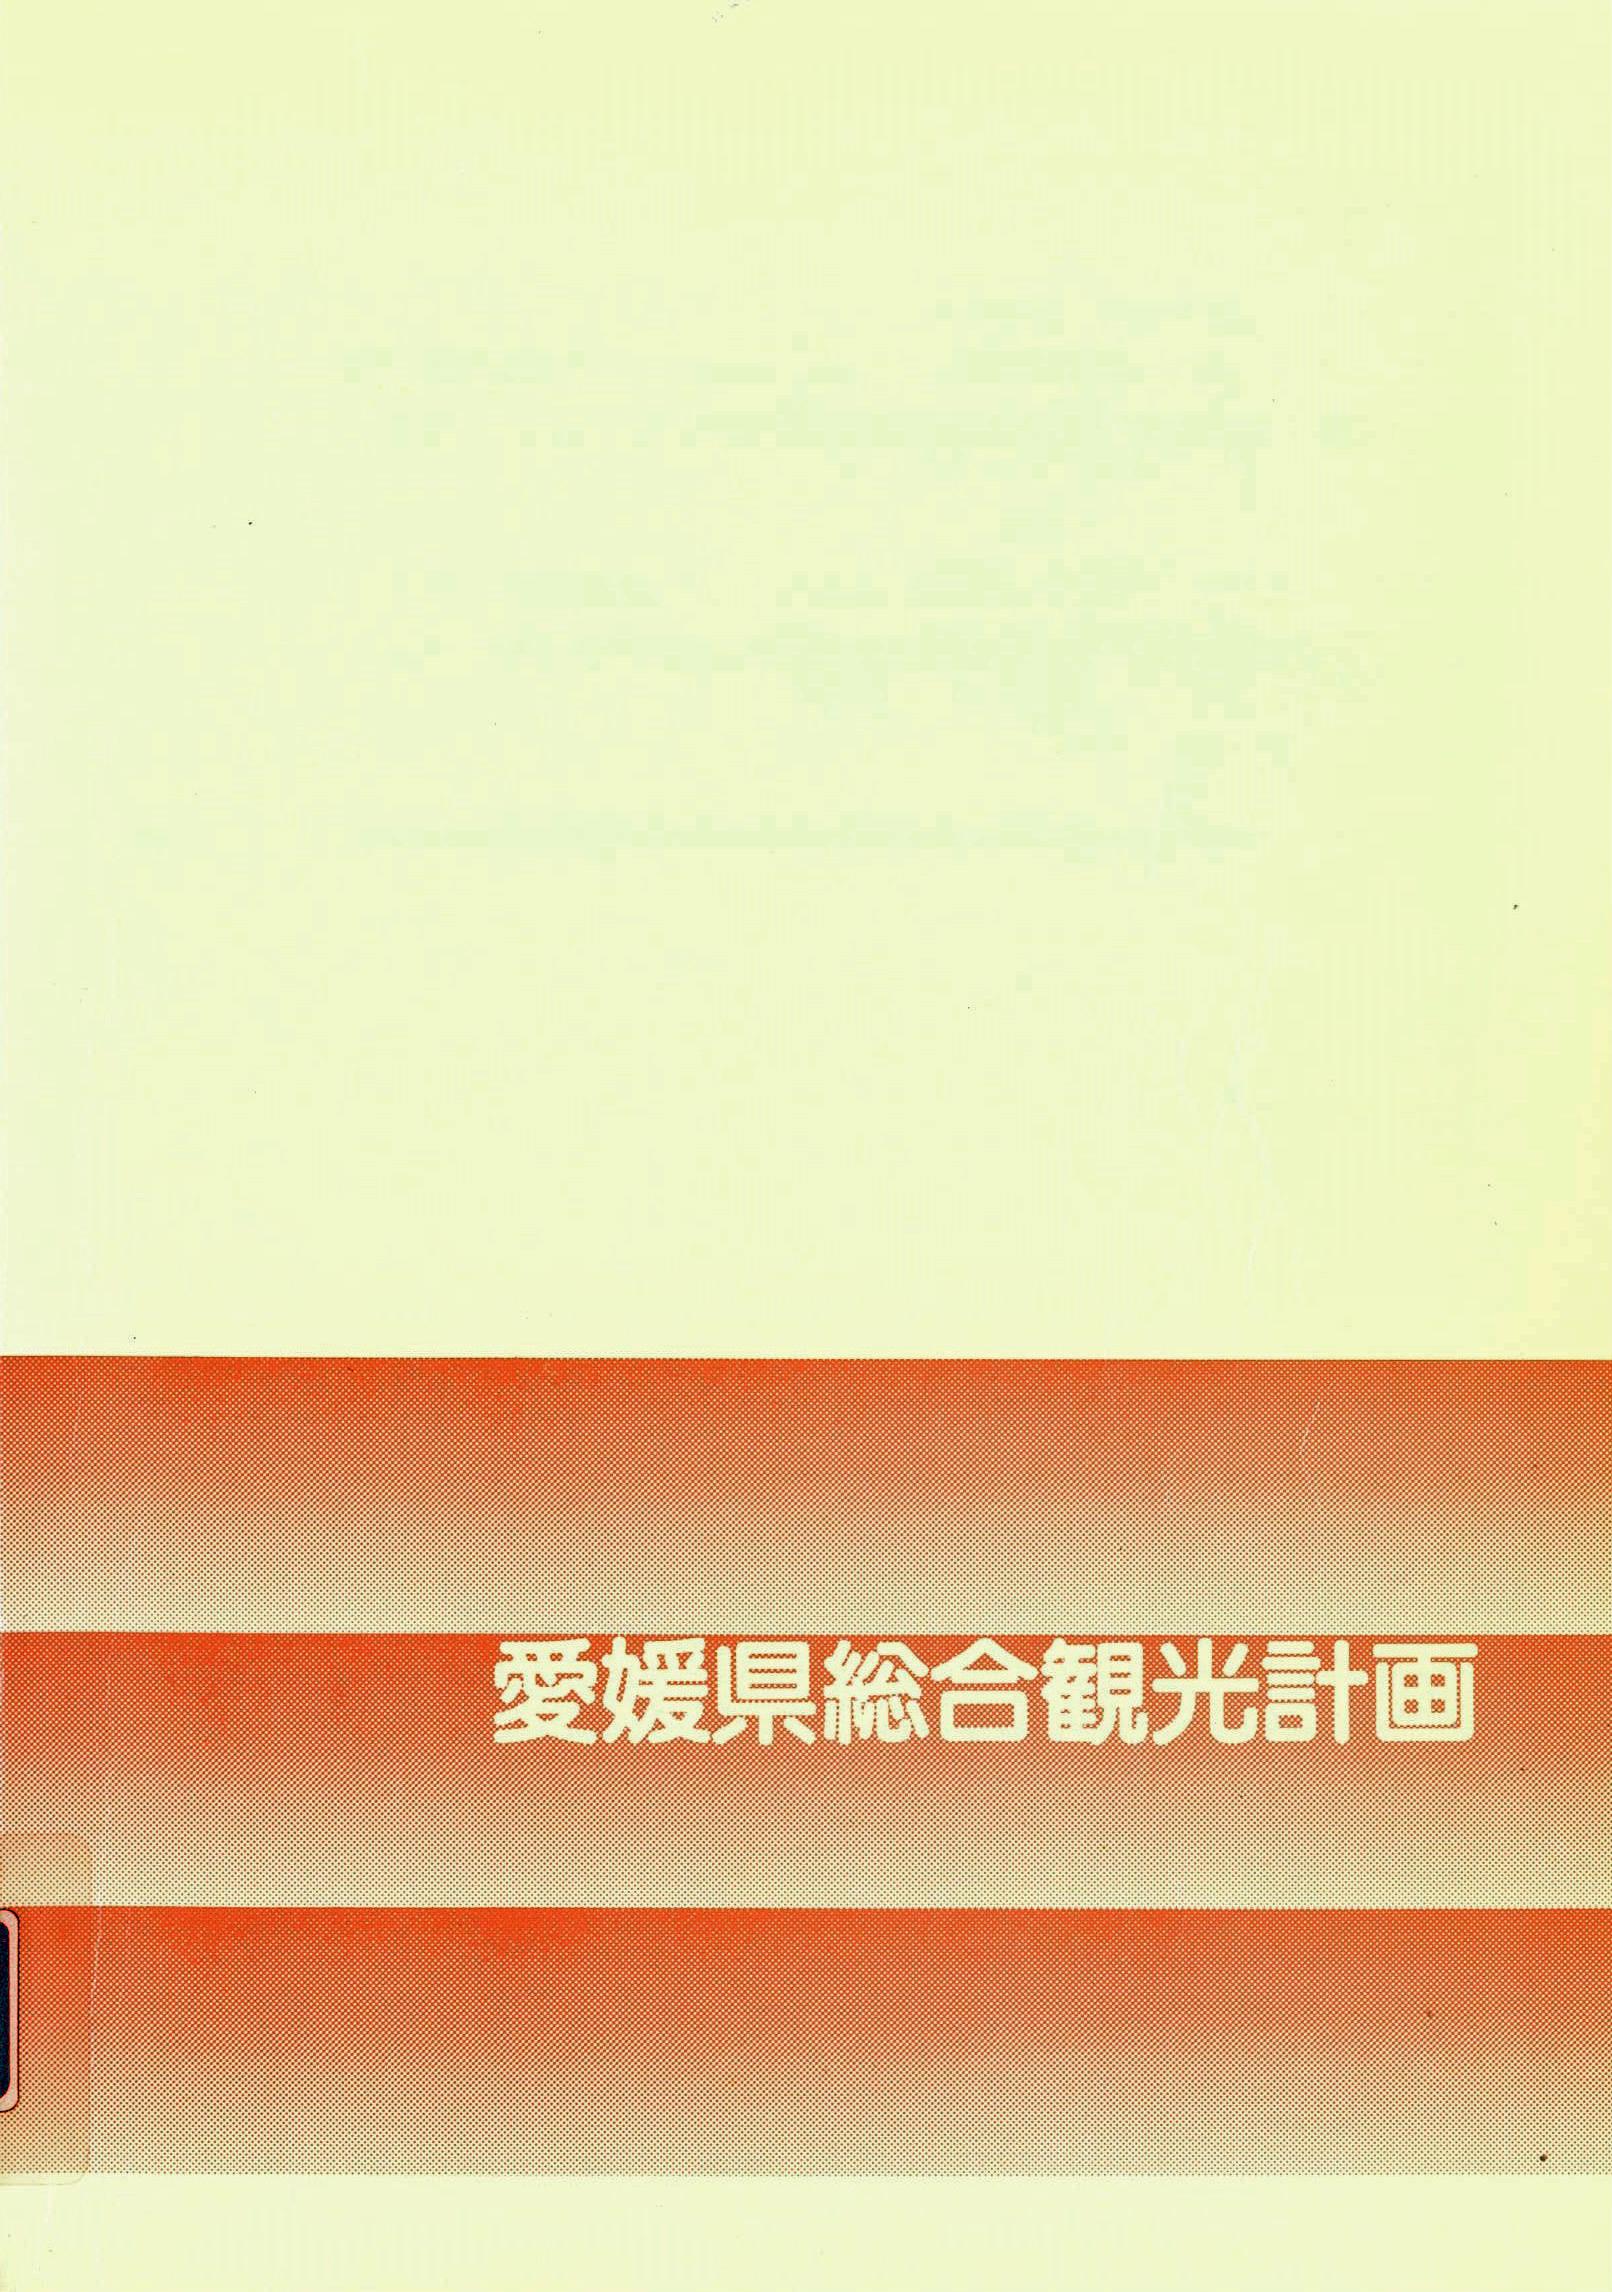 図2 『愛媛県総合観光計画(調査)』(1987)表紙)愛媛県総合観光計画 MZ61-35